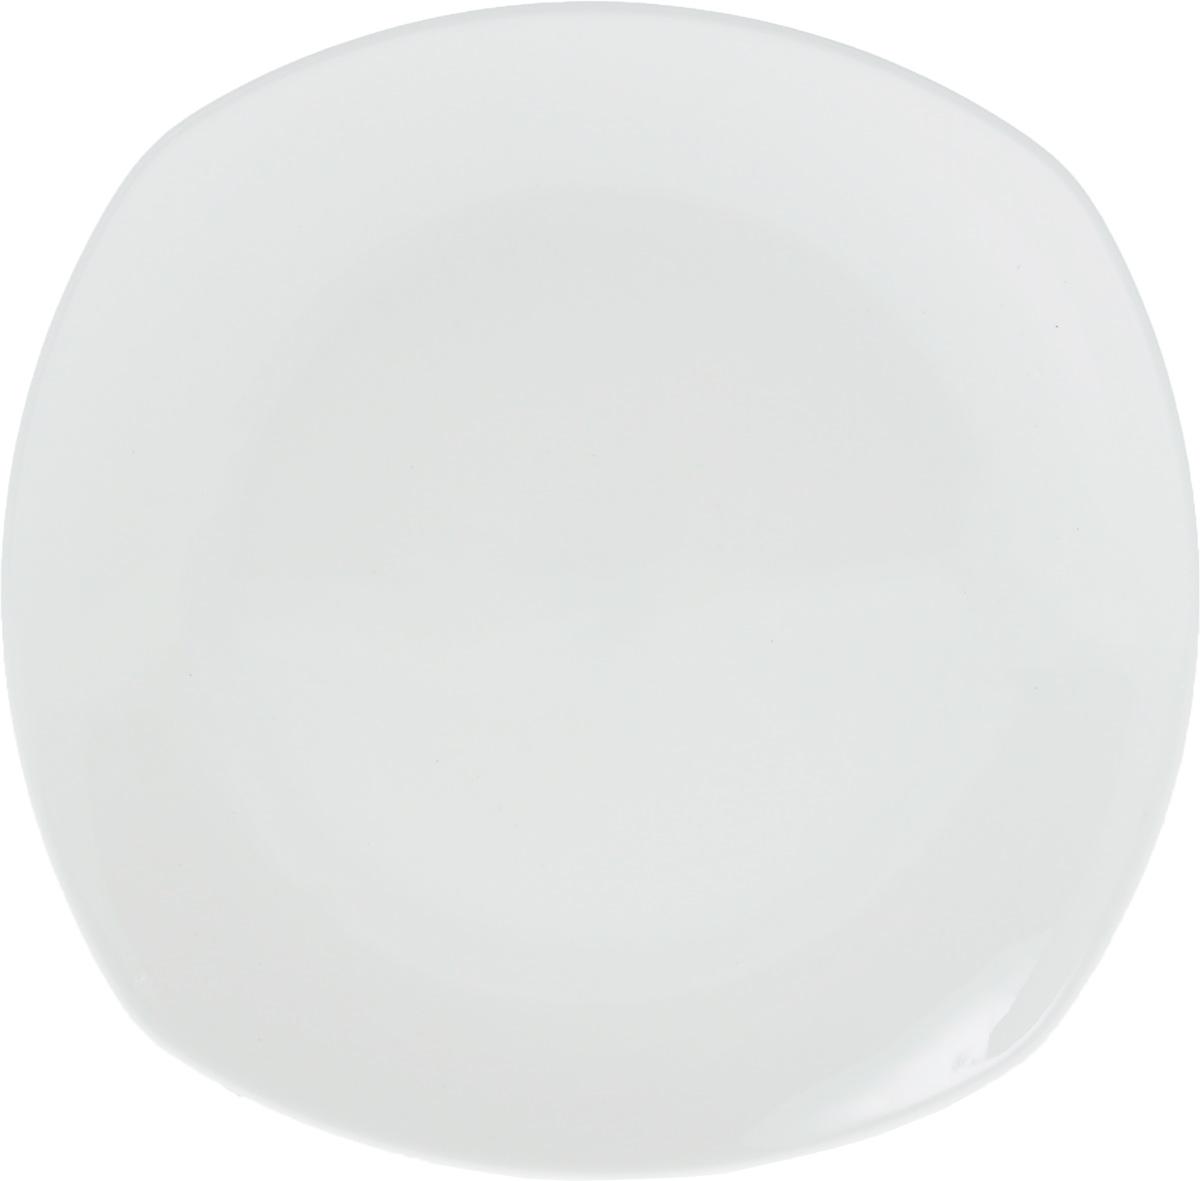 Тарелка Wilmax, 19,5 х 19,5 смWL-991001 / AТарелка Wilmax, изготовленная из высококачественного фарфора, имеет оригинальную форму. Изящный дизайн придется по вкусу и ценителям классики, и тем, кто предпочитает утонченность и изысканность. Тарелка Wilmax идеально подойдет для сервировки стола и станет отличным подарком к любому празднику.Можно мыть в посудомоечной машине и использовать в микроволновой печи. Размер тарелки (по верхнему краю): 19,5 х 19,5 см.